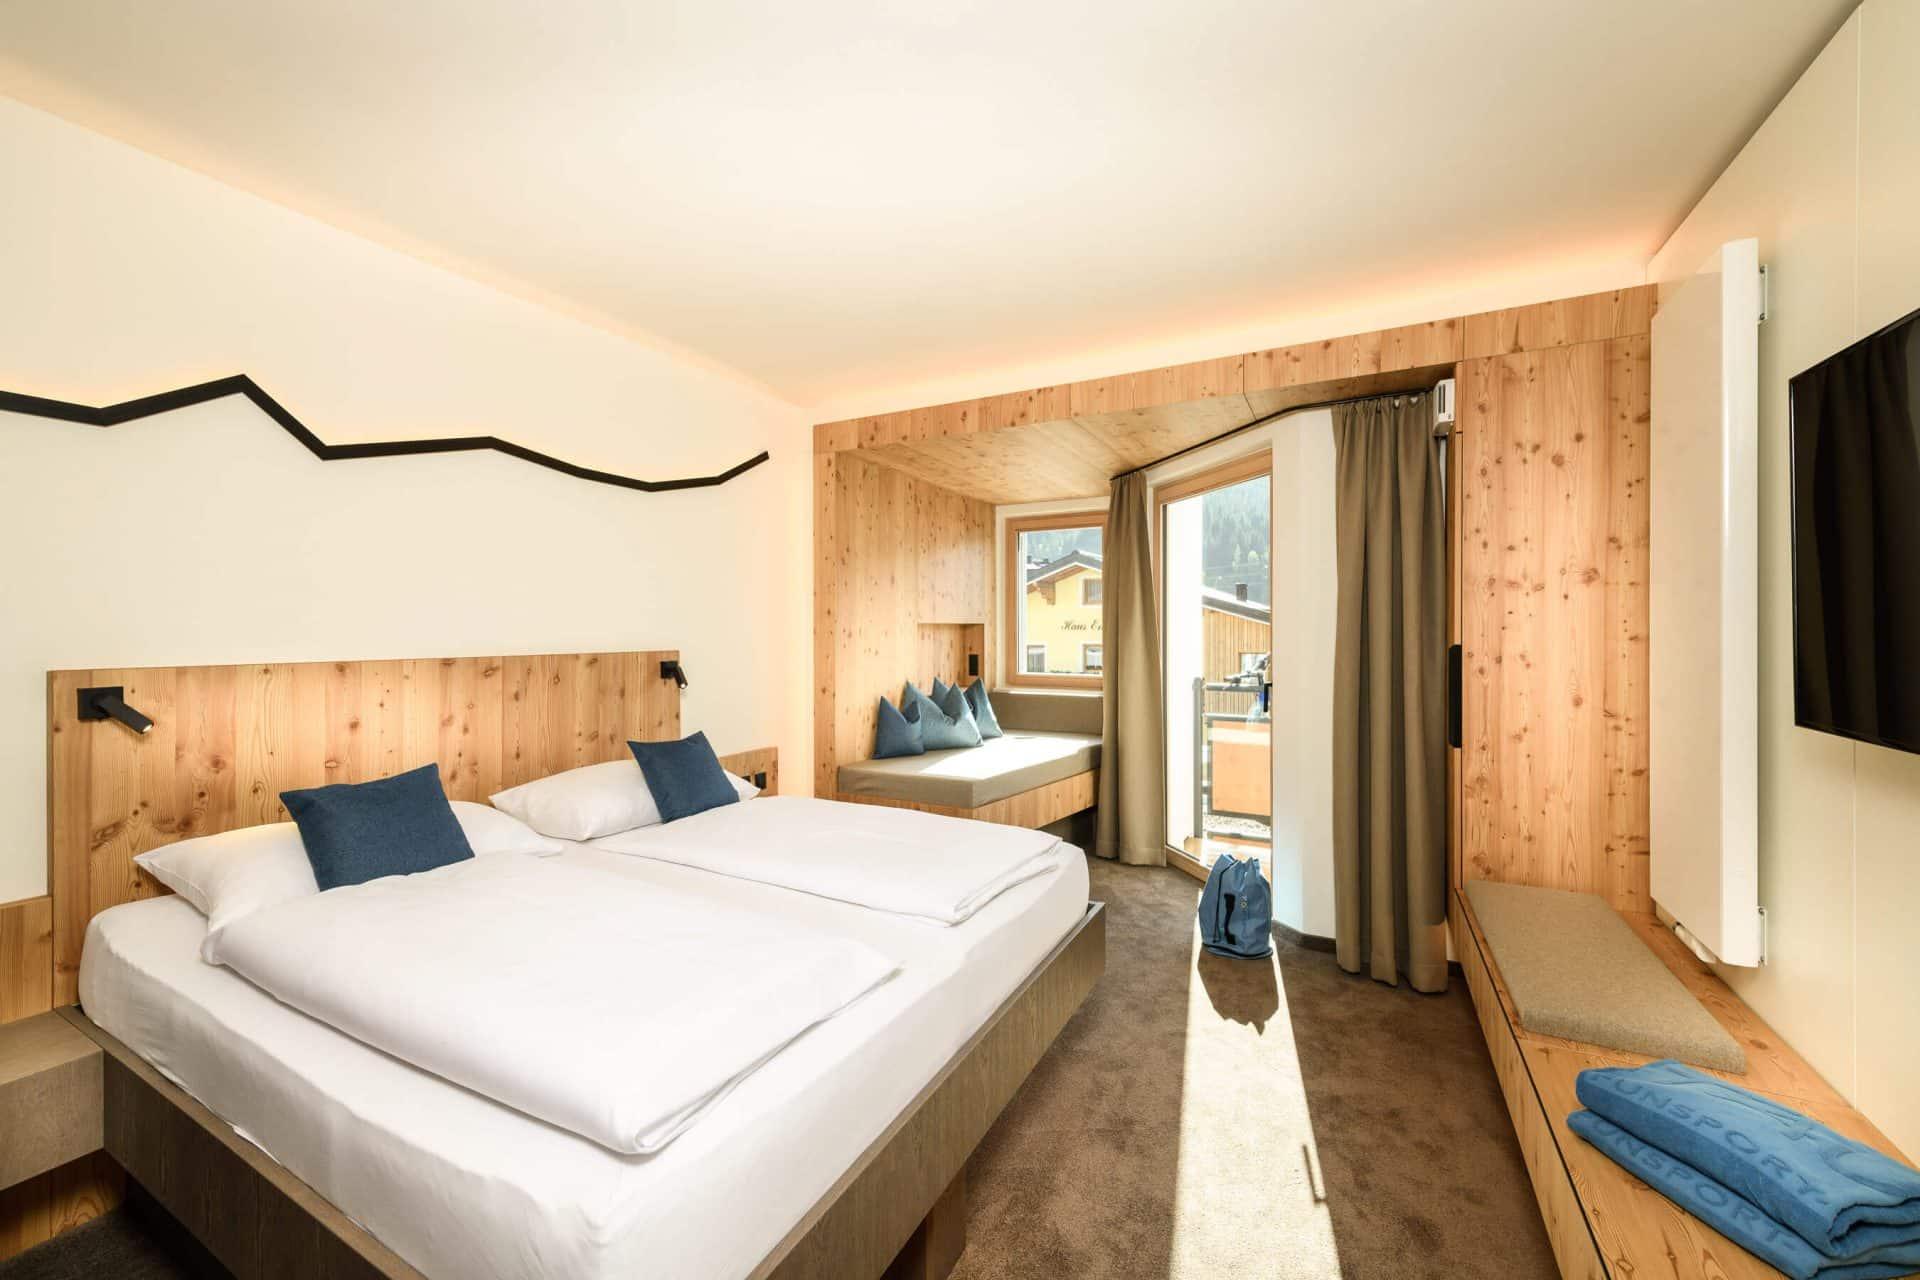 Doppelzimmer Plus im Umweltzeichen Hotel Tauernhof